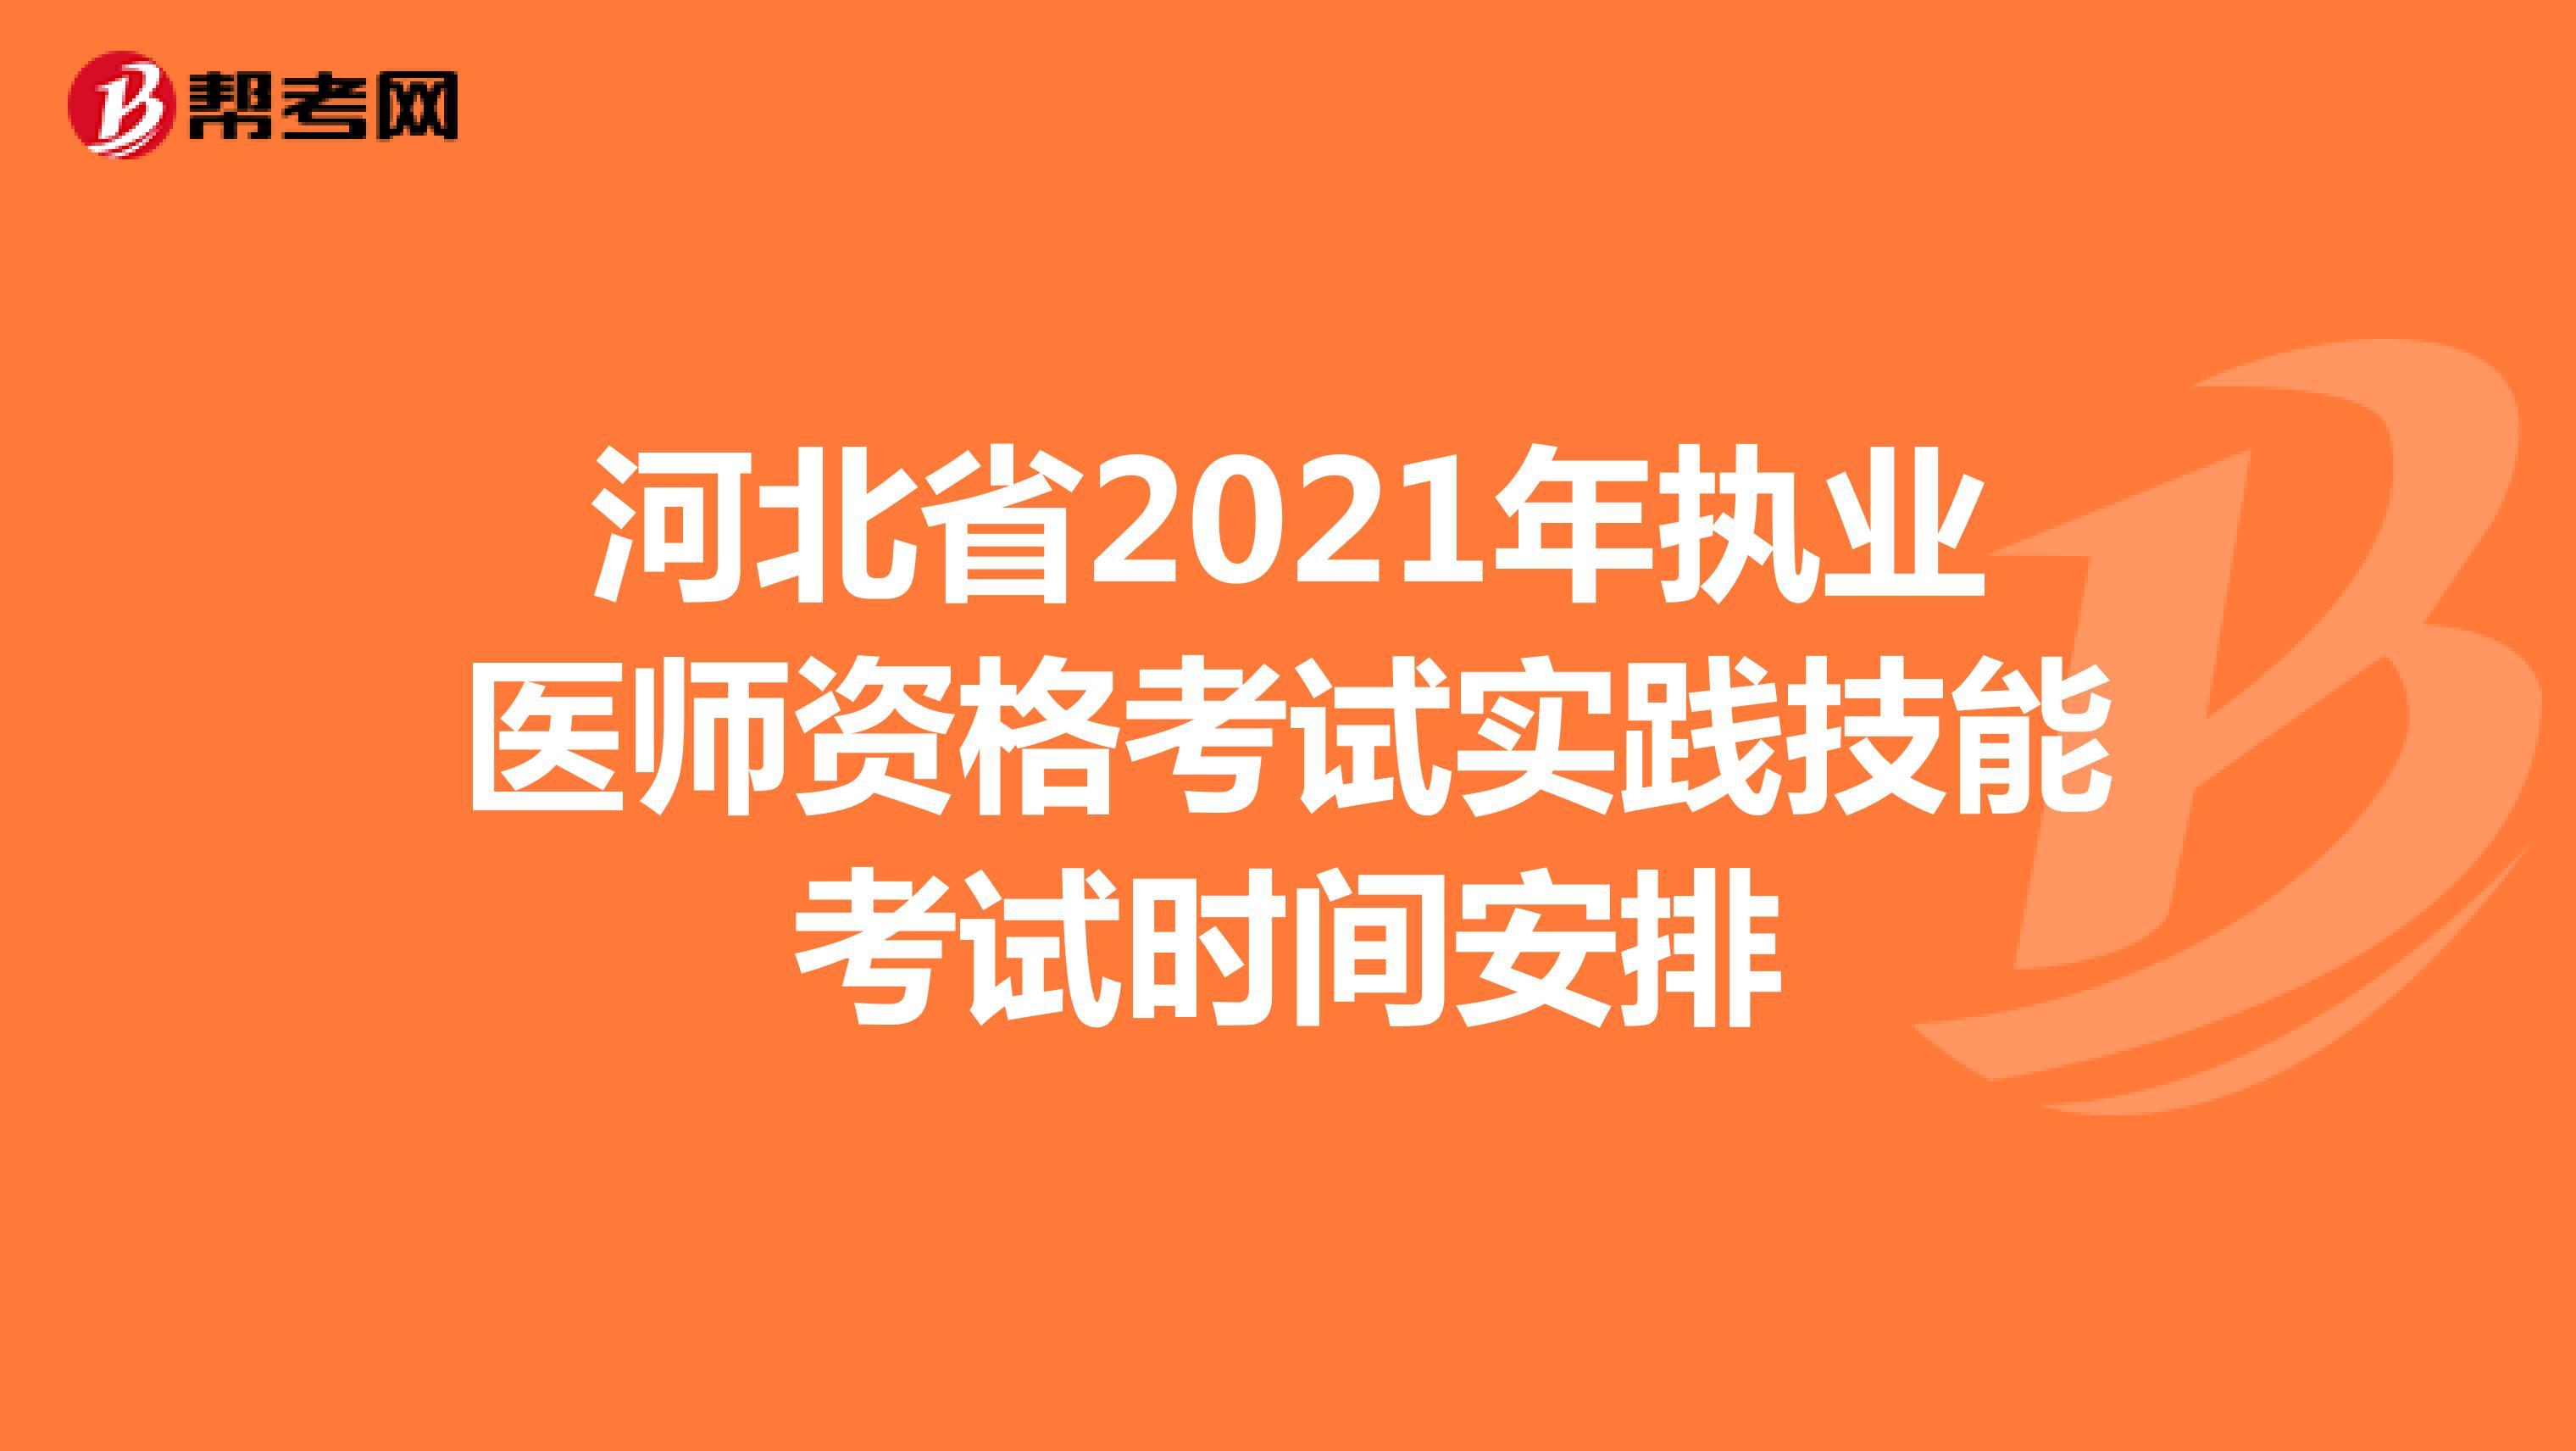 河北省2021年執業醫師資格考試實踐技能考試時間安排